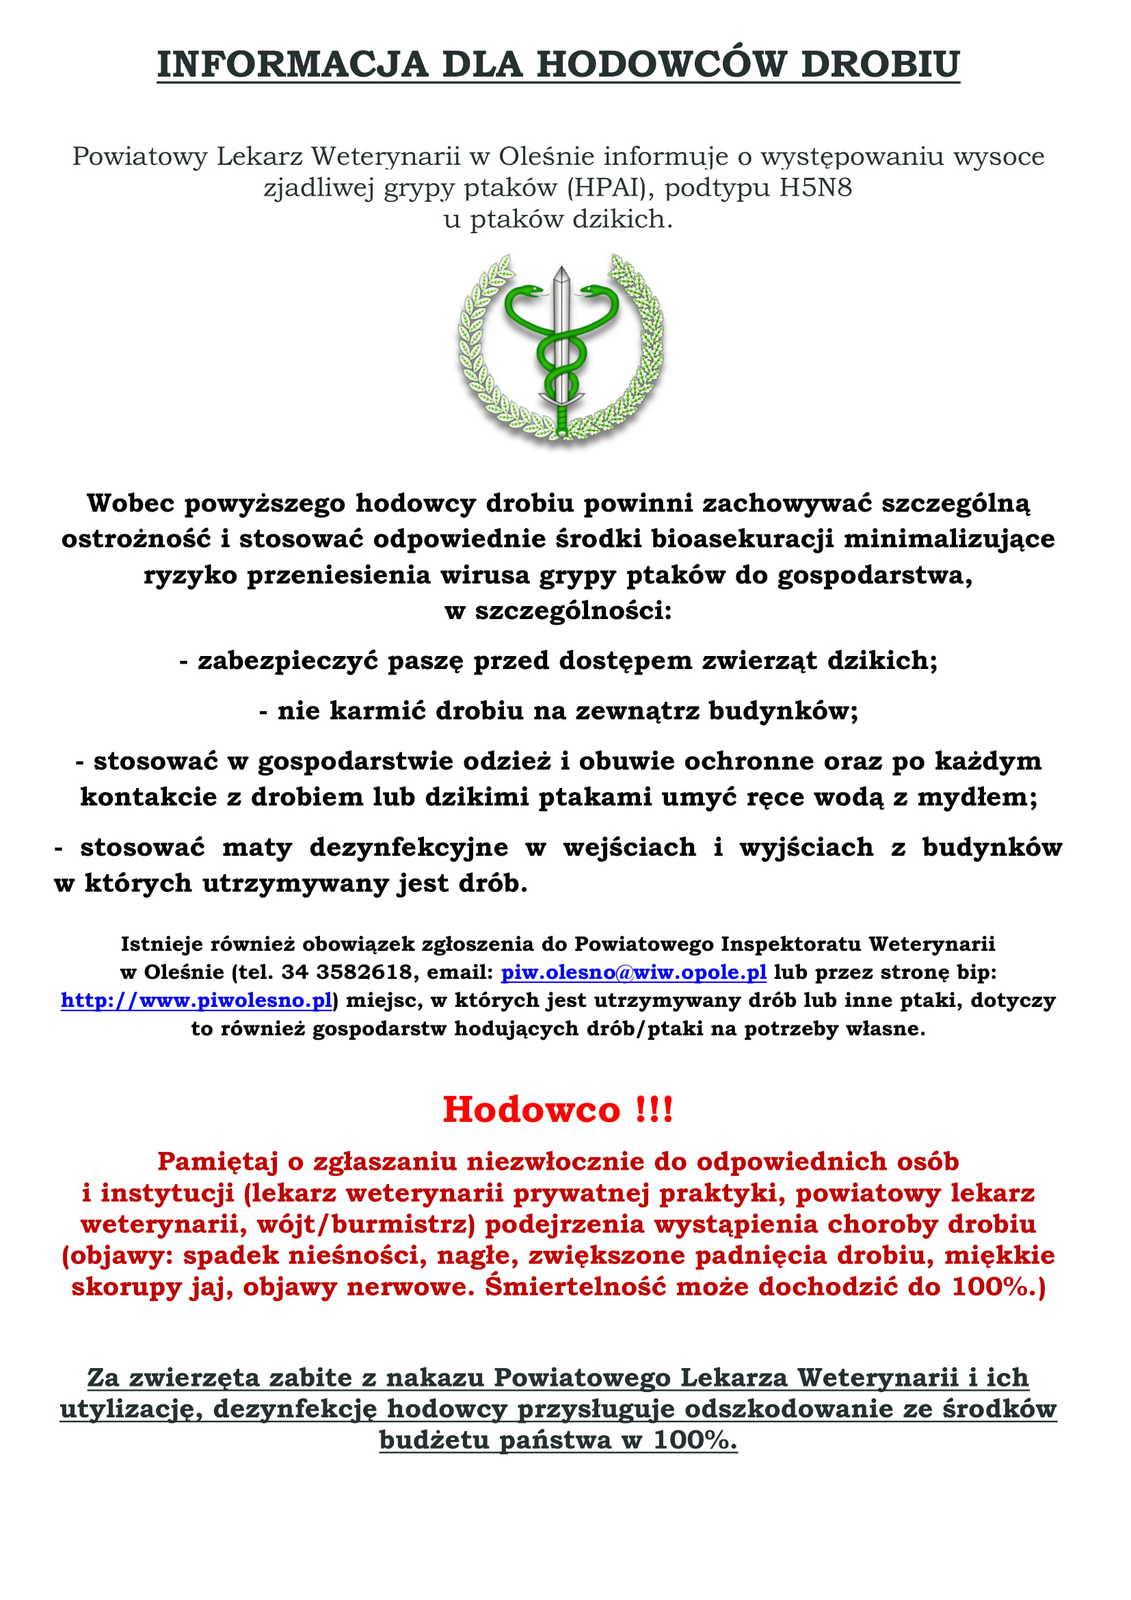 informacja-dla-hodowcow-drobiu-1.jpeg